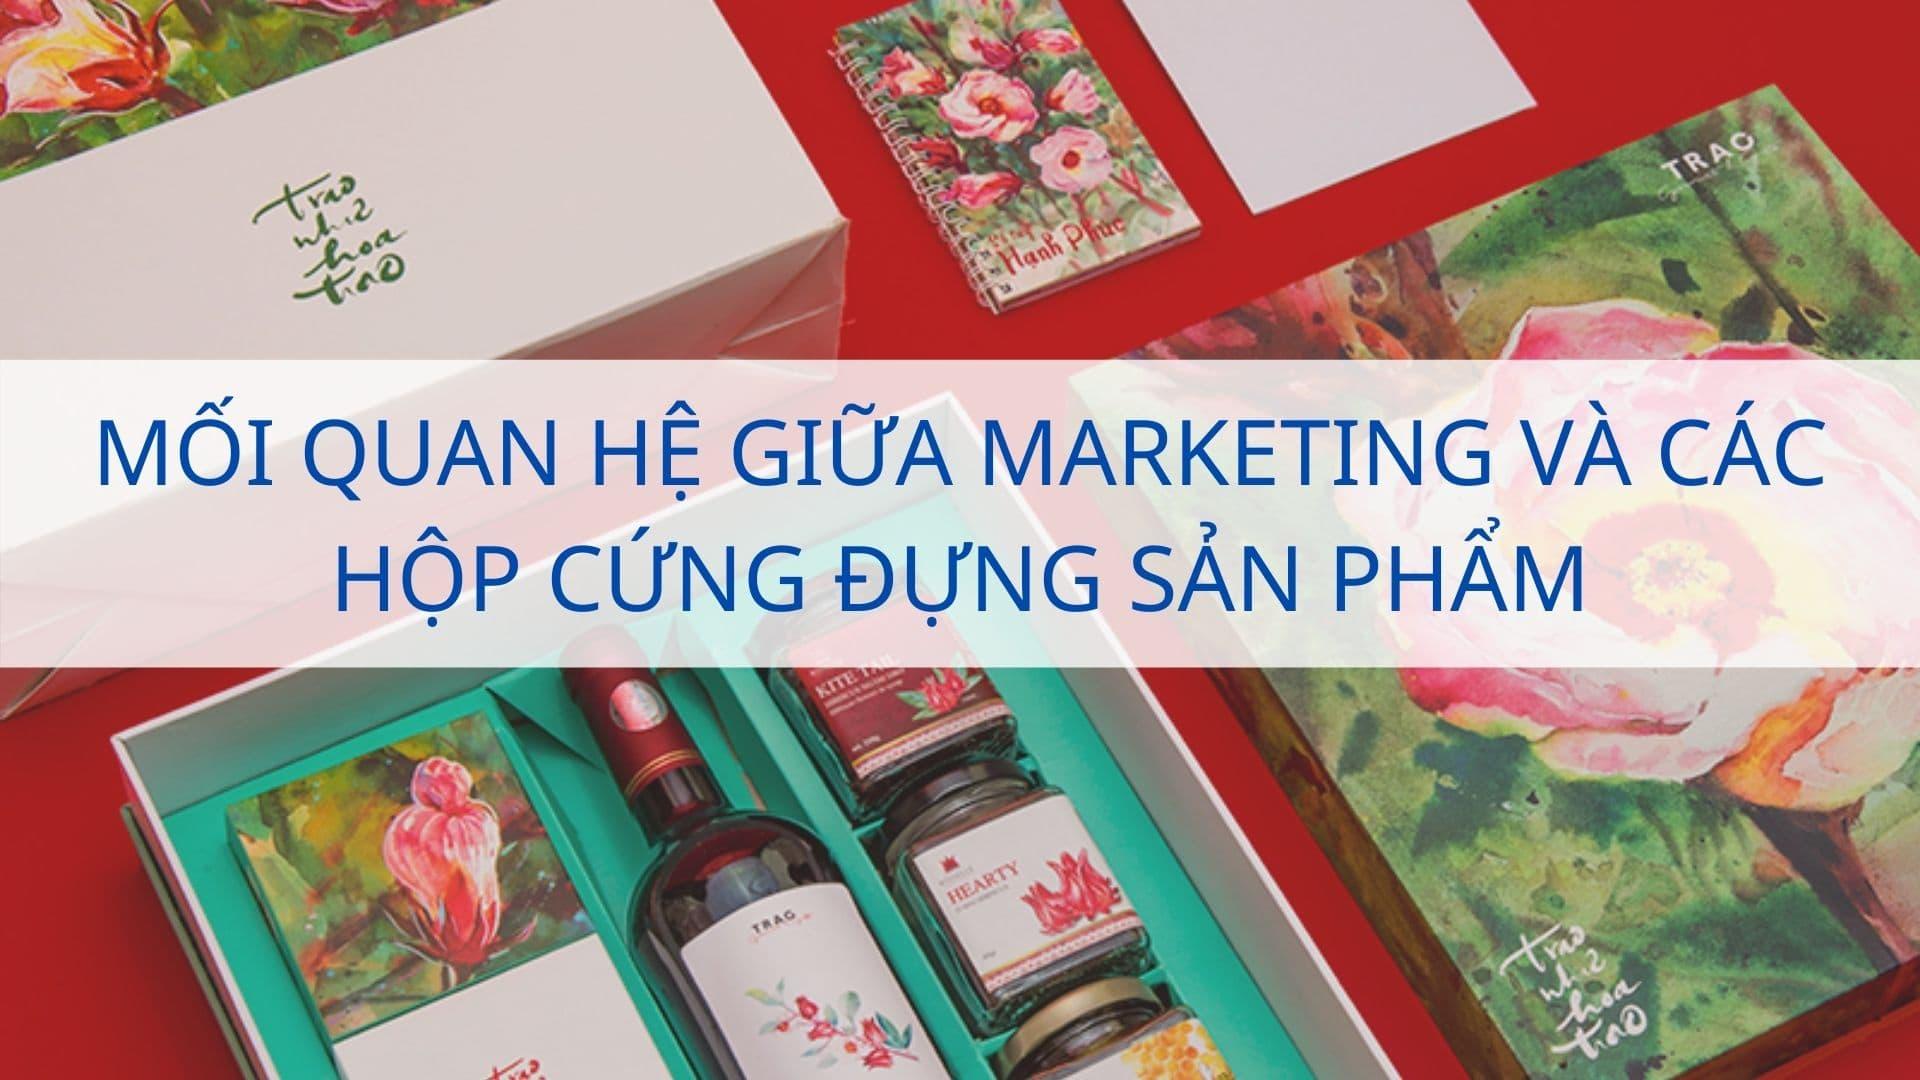 Mối quan hệ giữa Marketing và các hộp cứng đựng sản phẩm